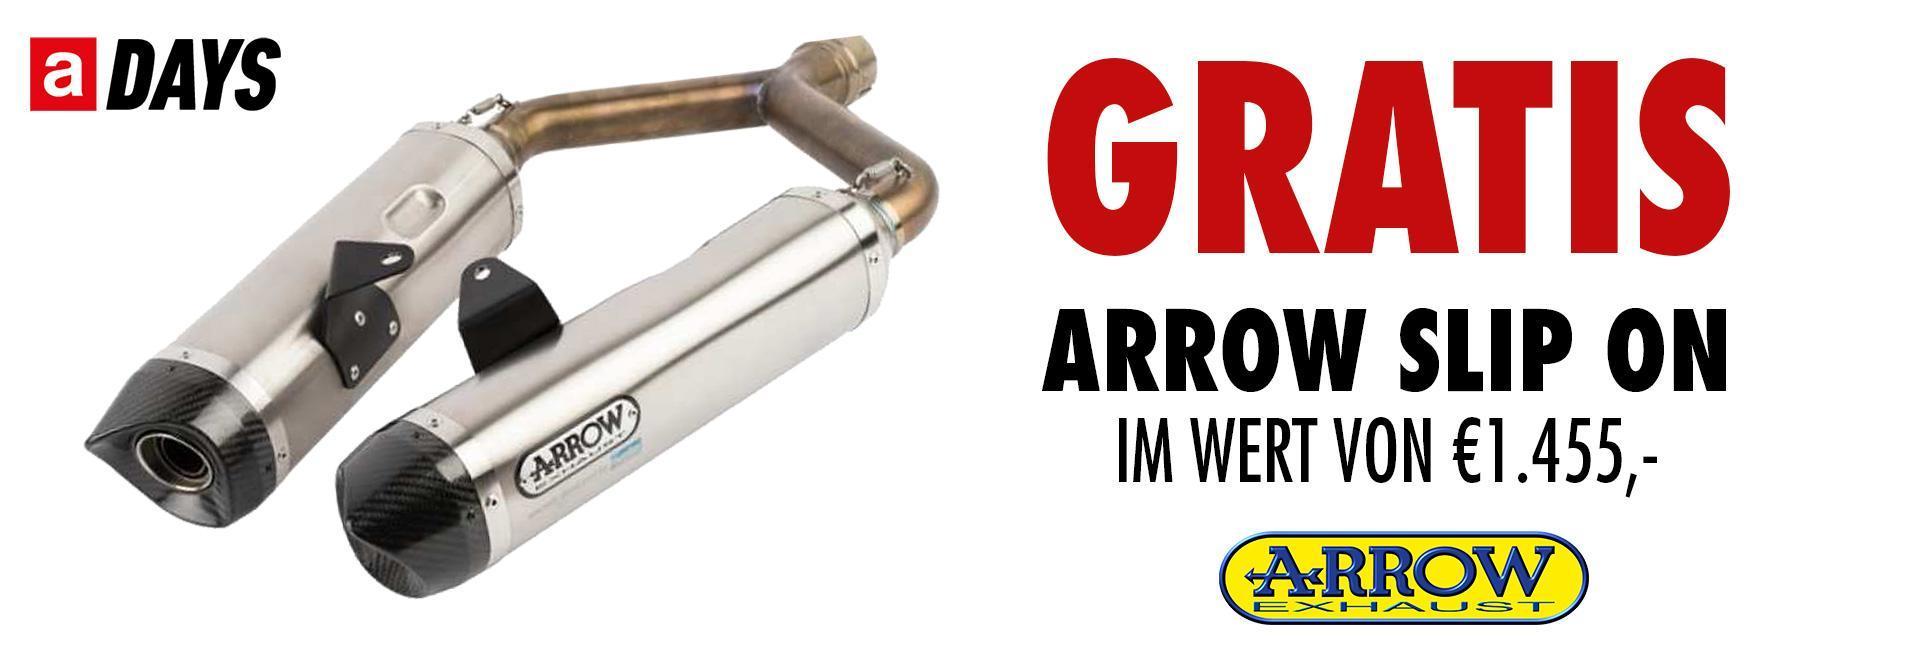 Dorsoduro 900 inkl. Arrow Slip on im Wert von € 1.455.-